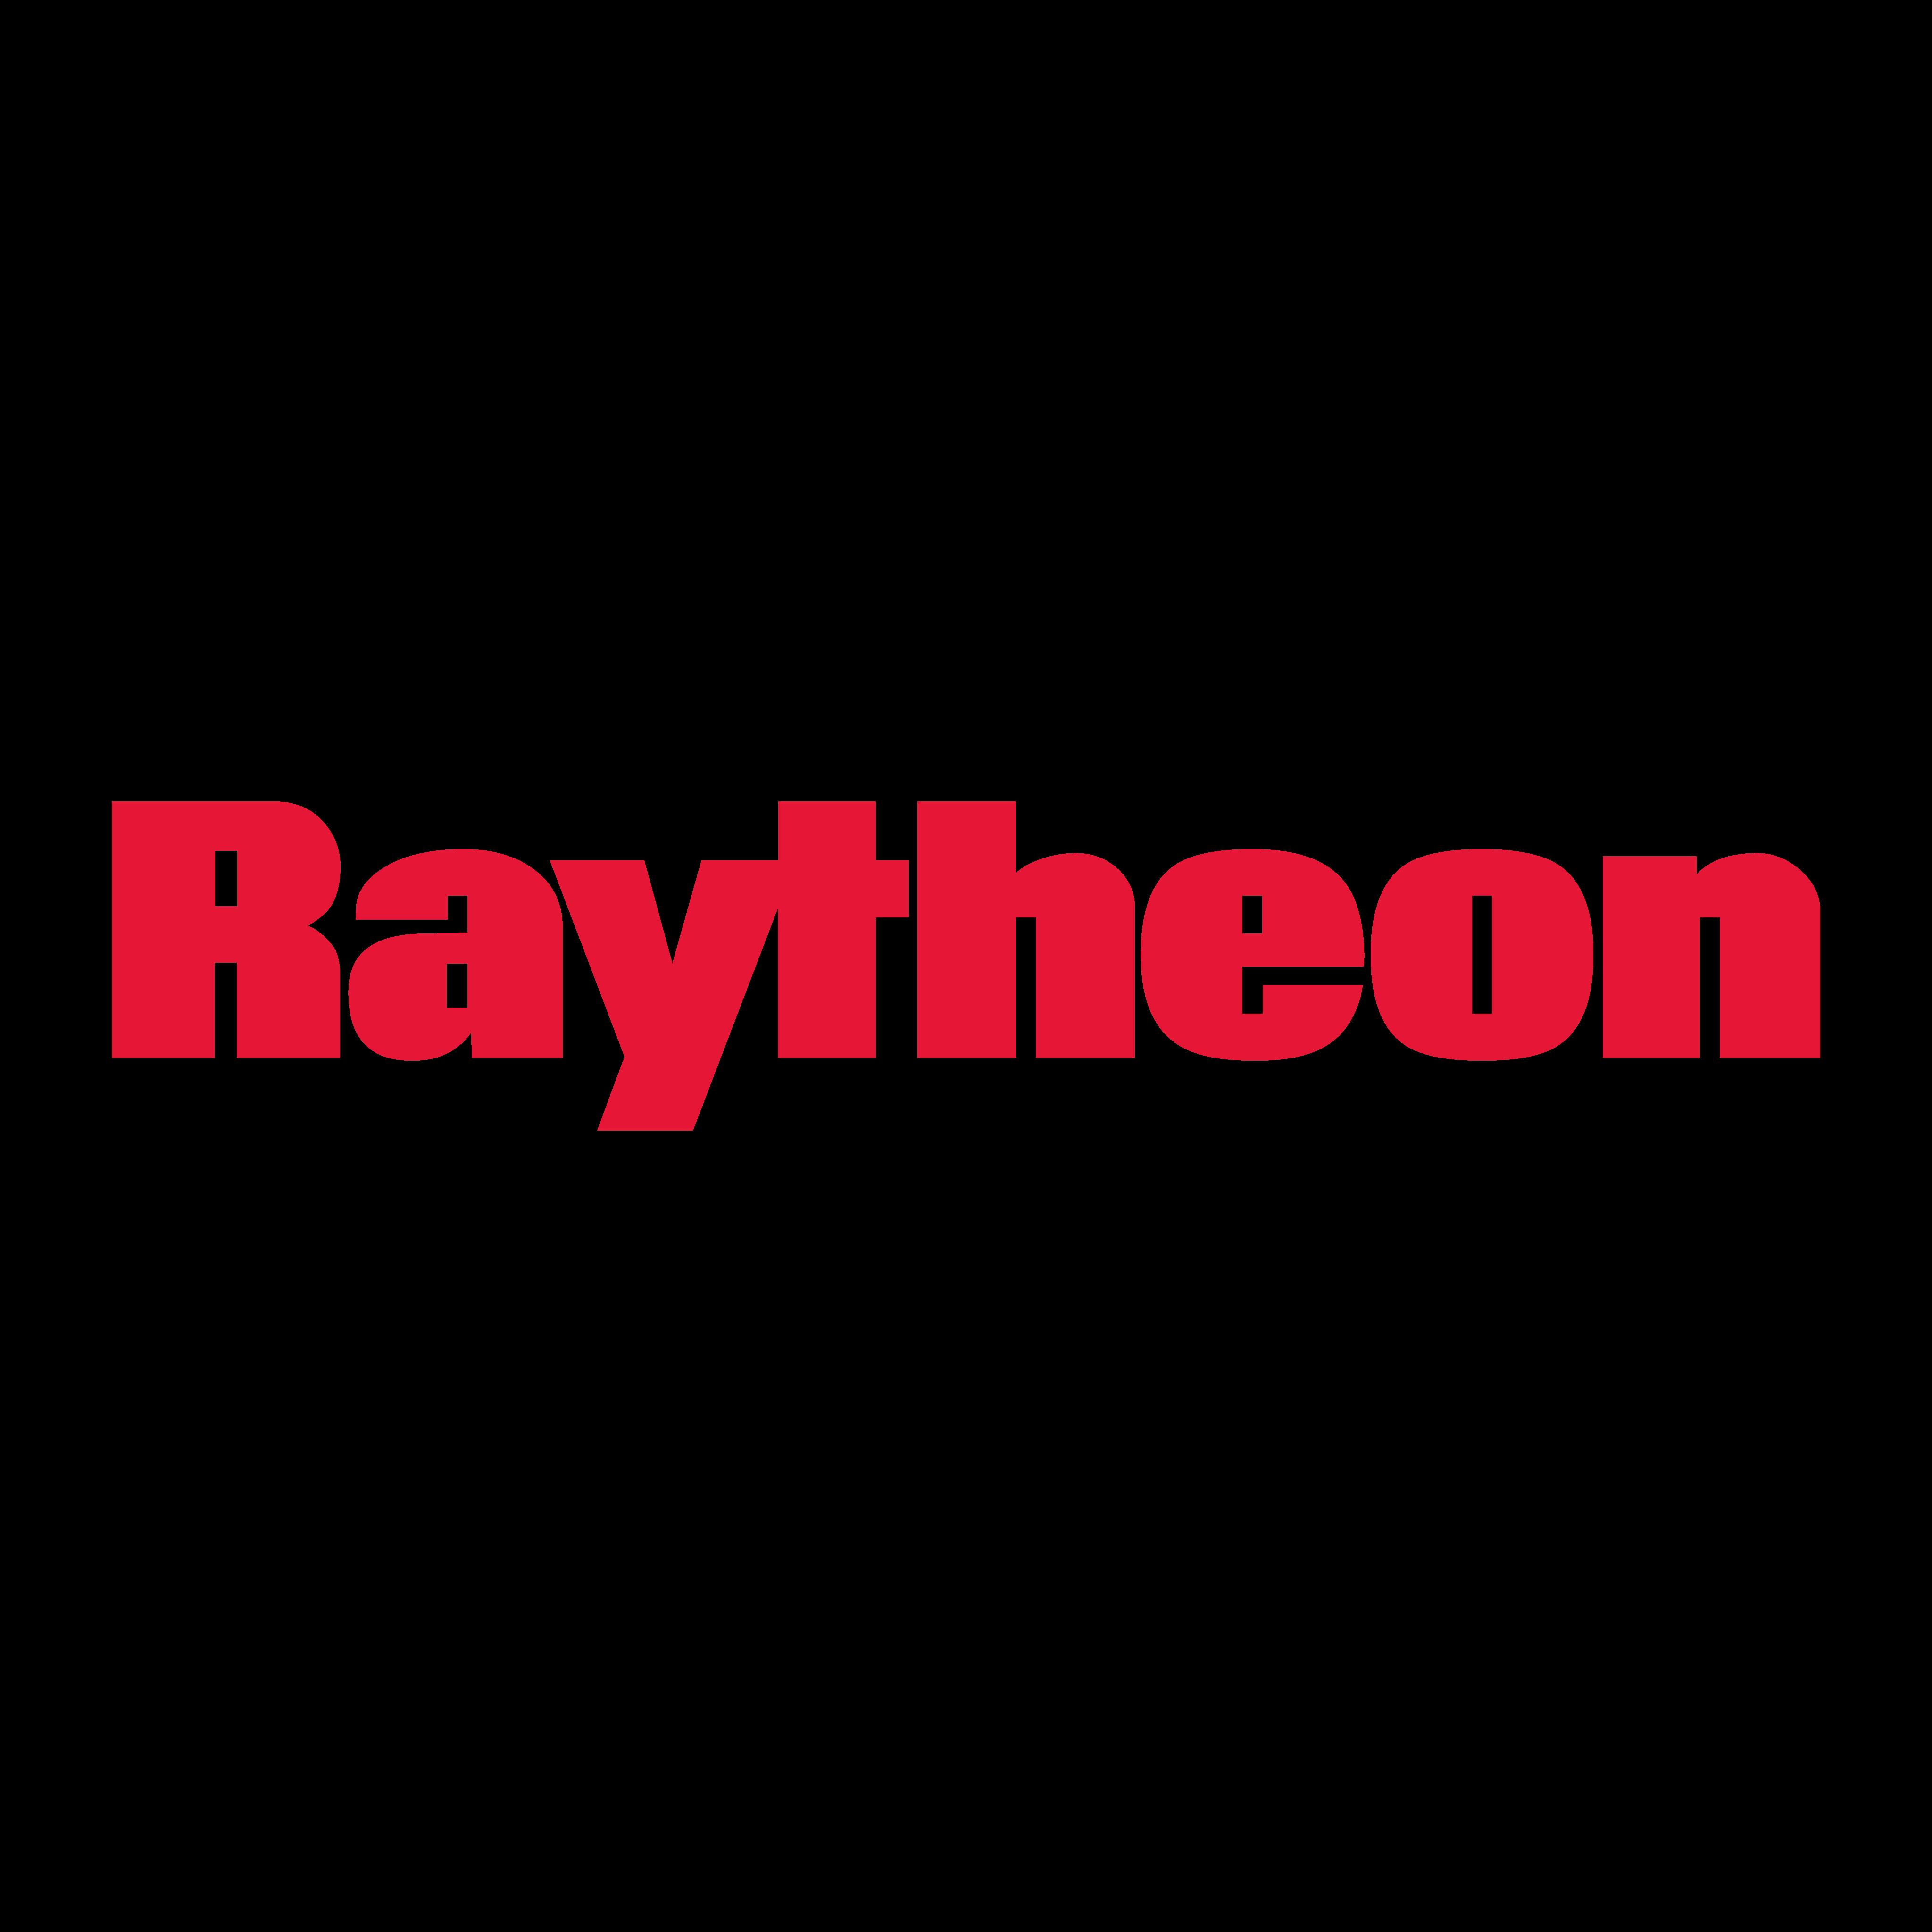 raytheon logo 0 - Raytheon Logo